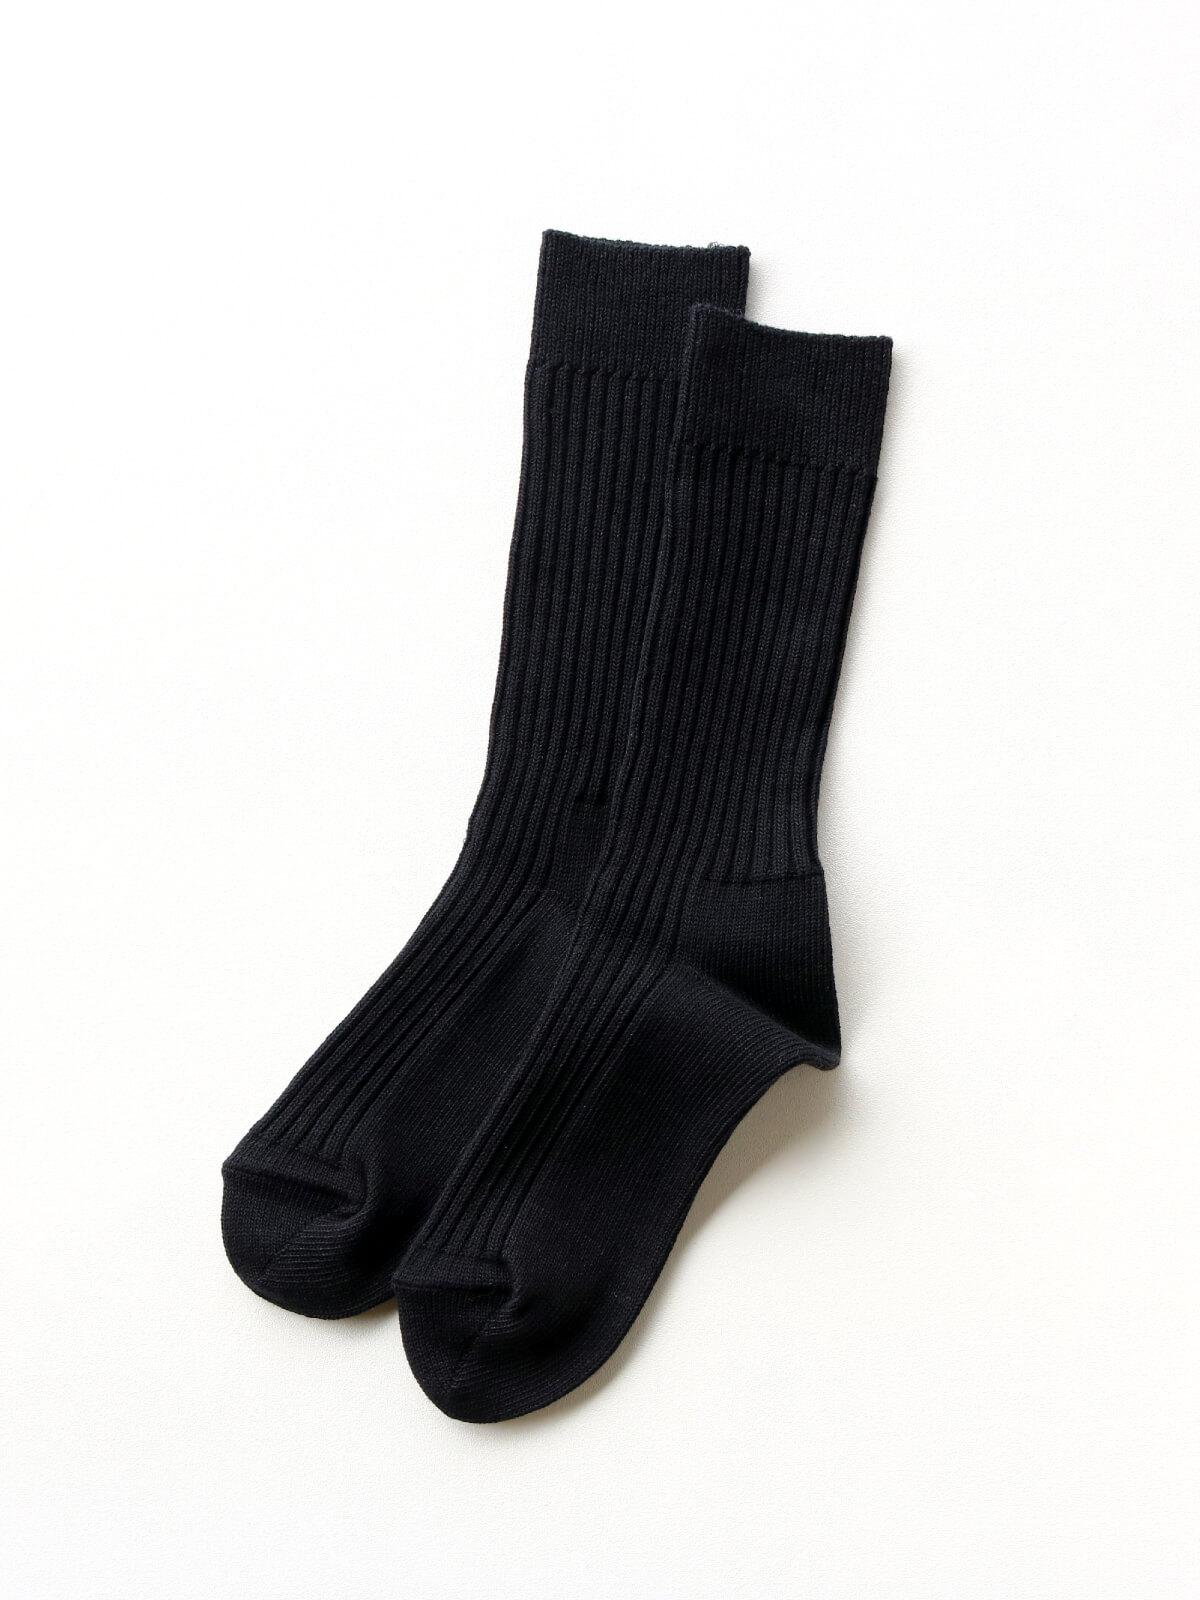 当たりつきギフト専用靴下のLUCKY SOCKS(ラッキーソックス)のSmooth Rib Socks(スムースリブソックス)のブラック_2